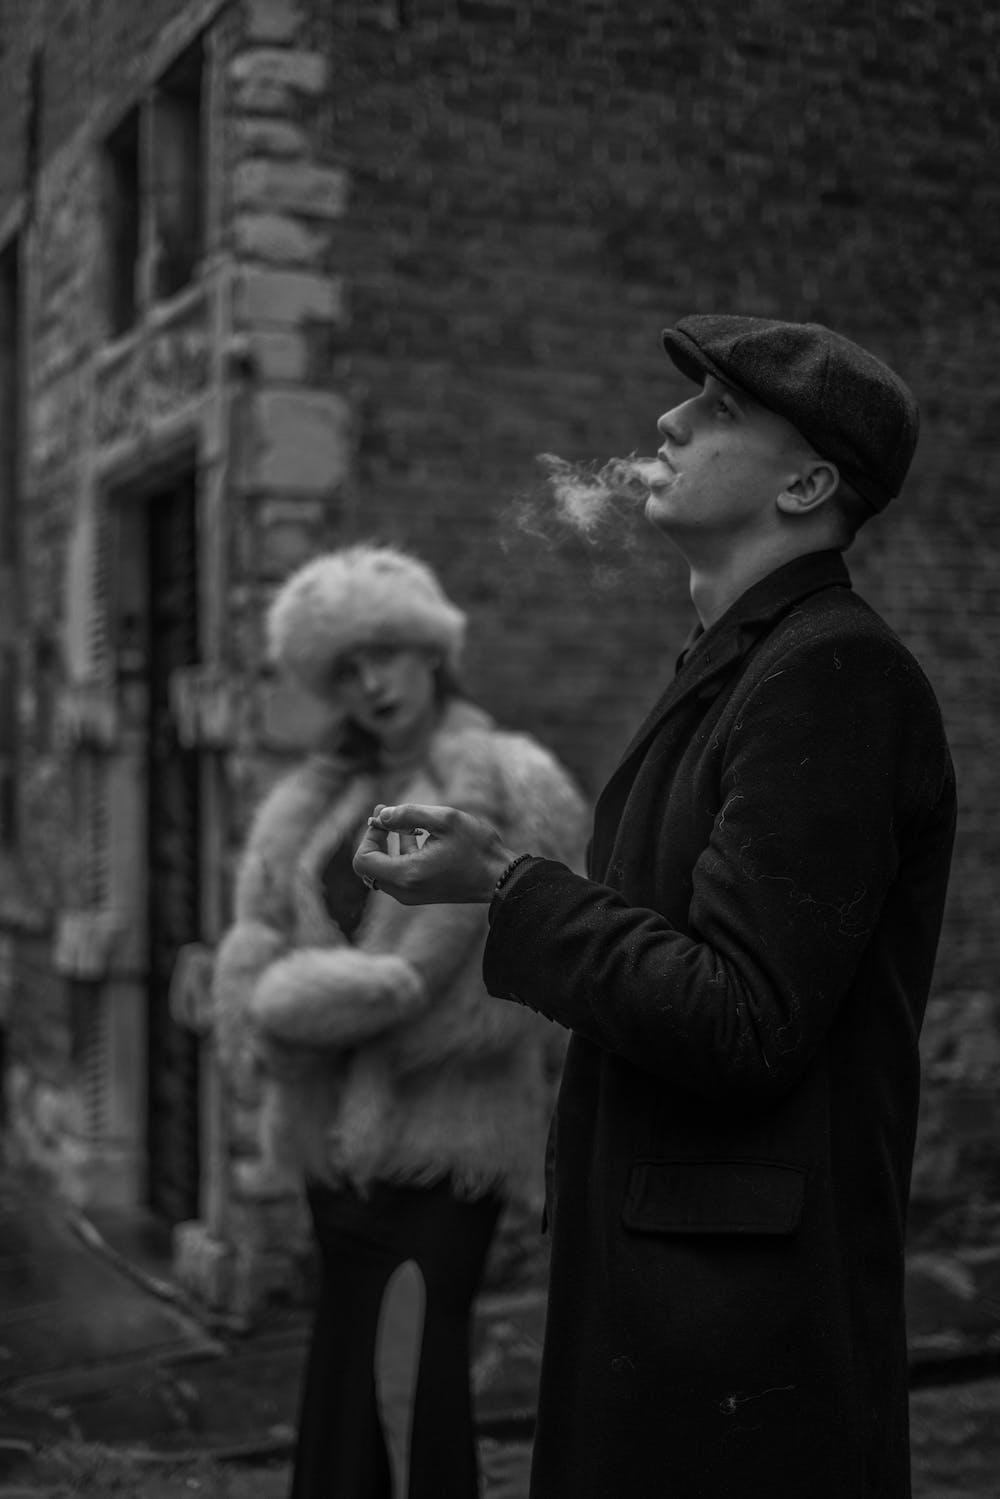 Woman watching on smoking man | Photo: Pexels